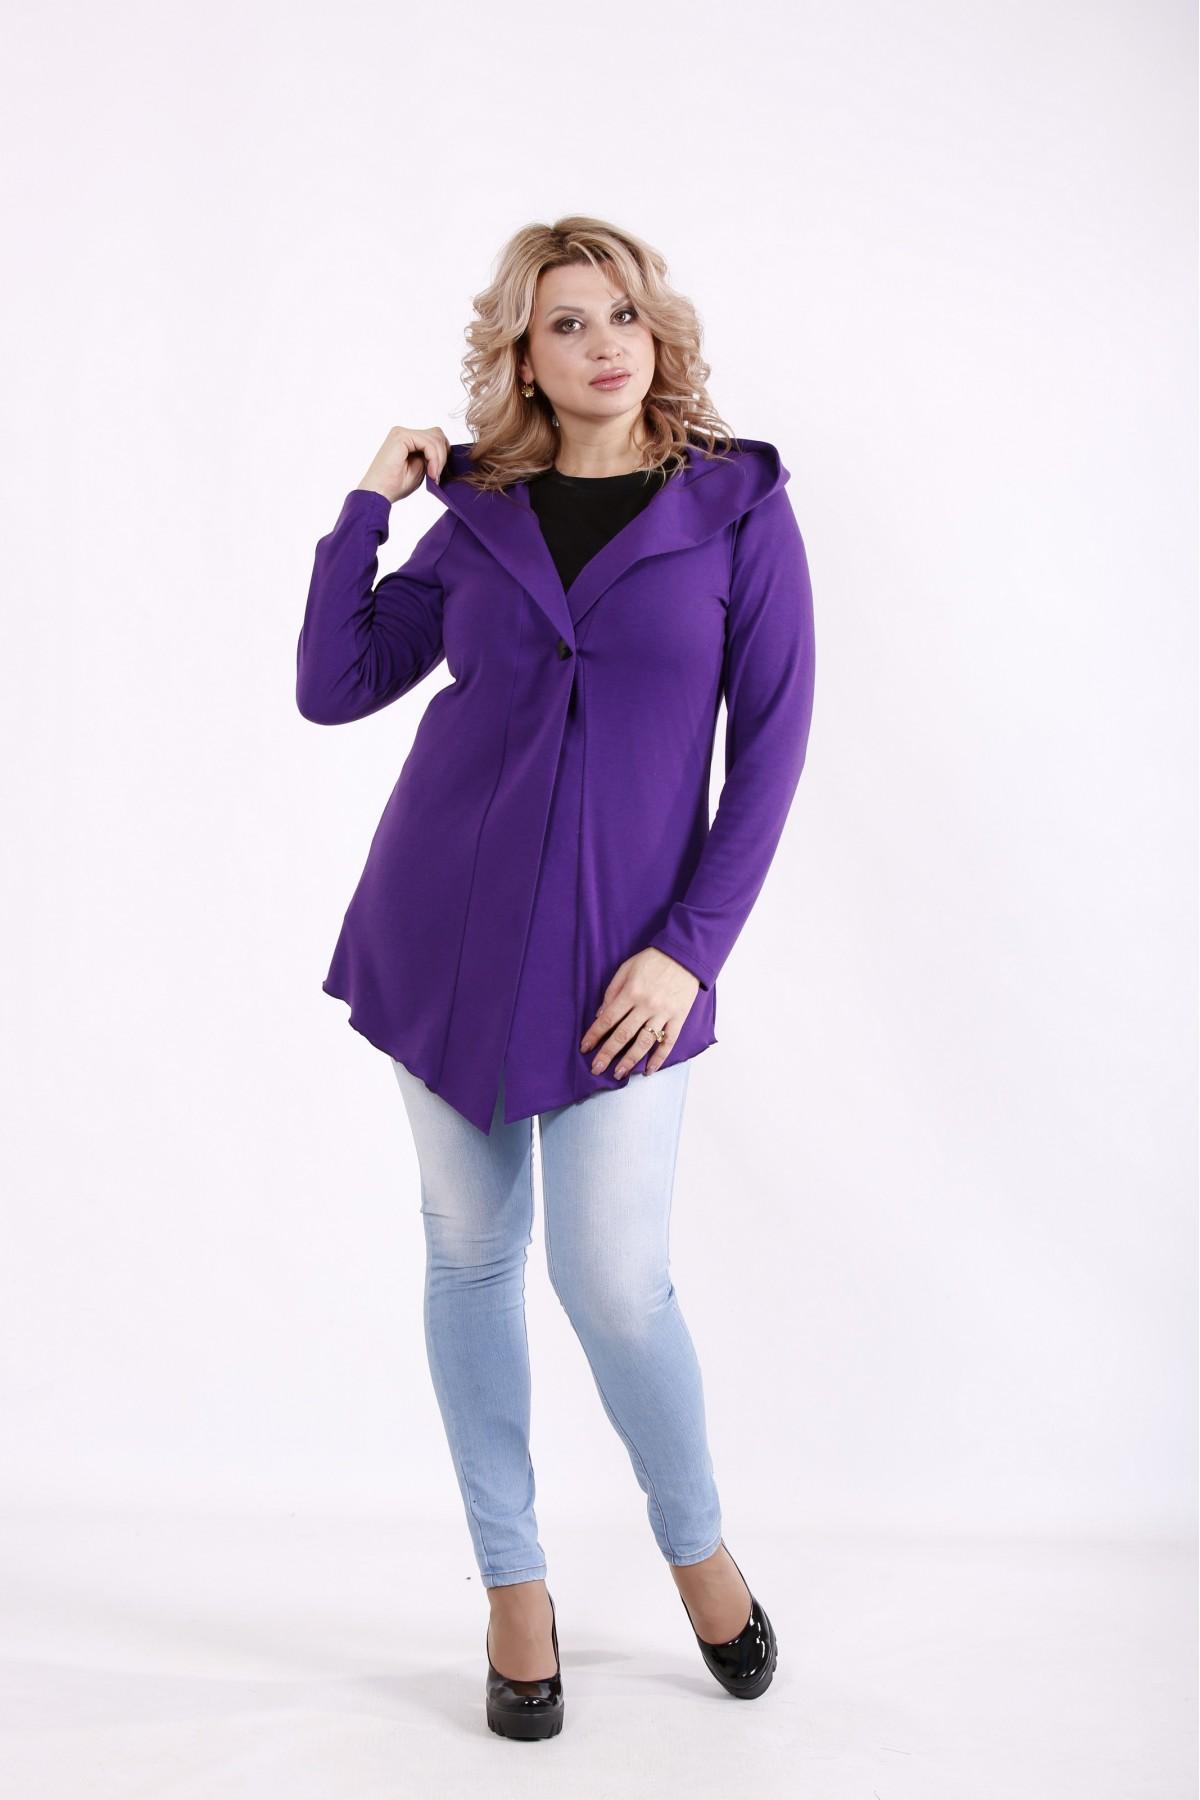 01723-3 | Фиолетовая кофта с капюшоном